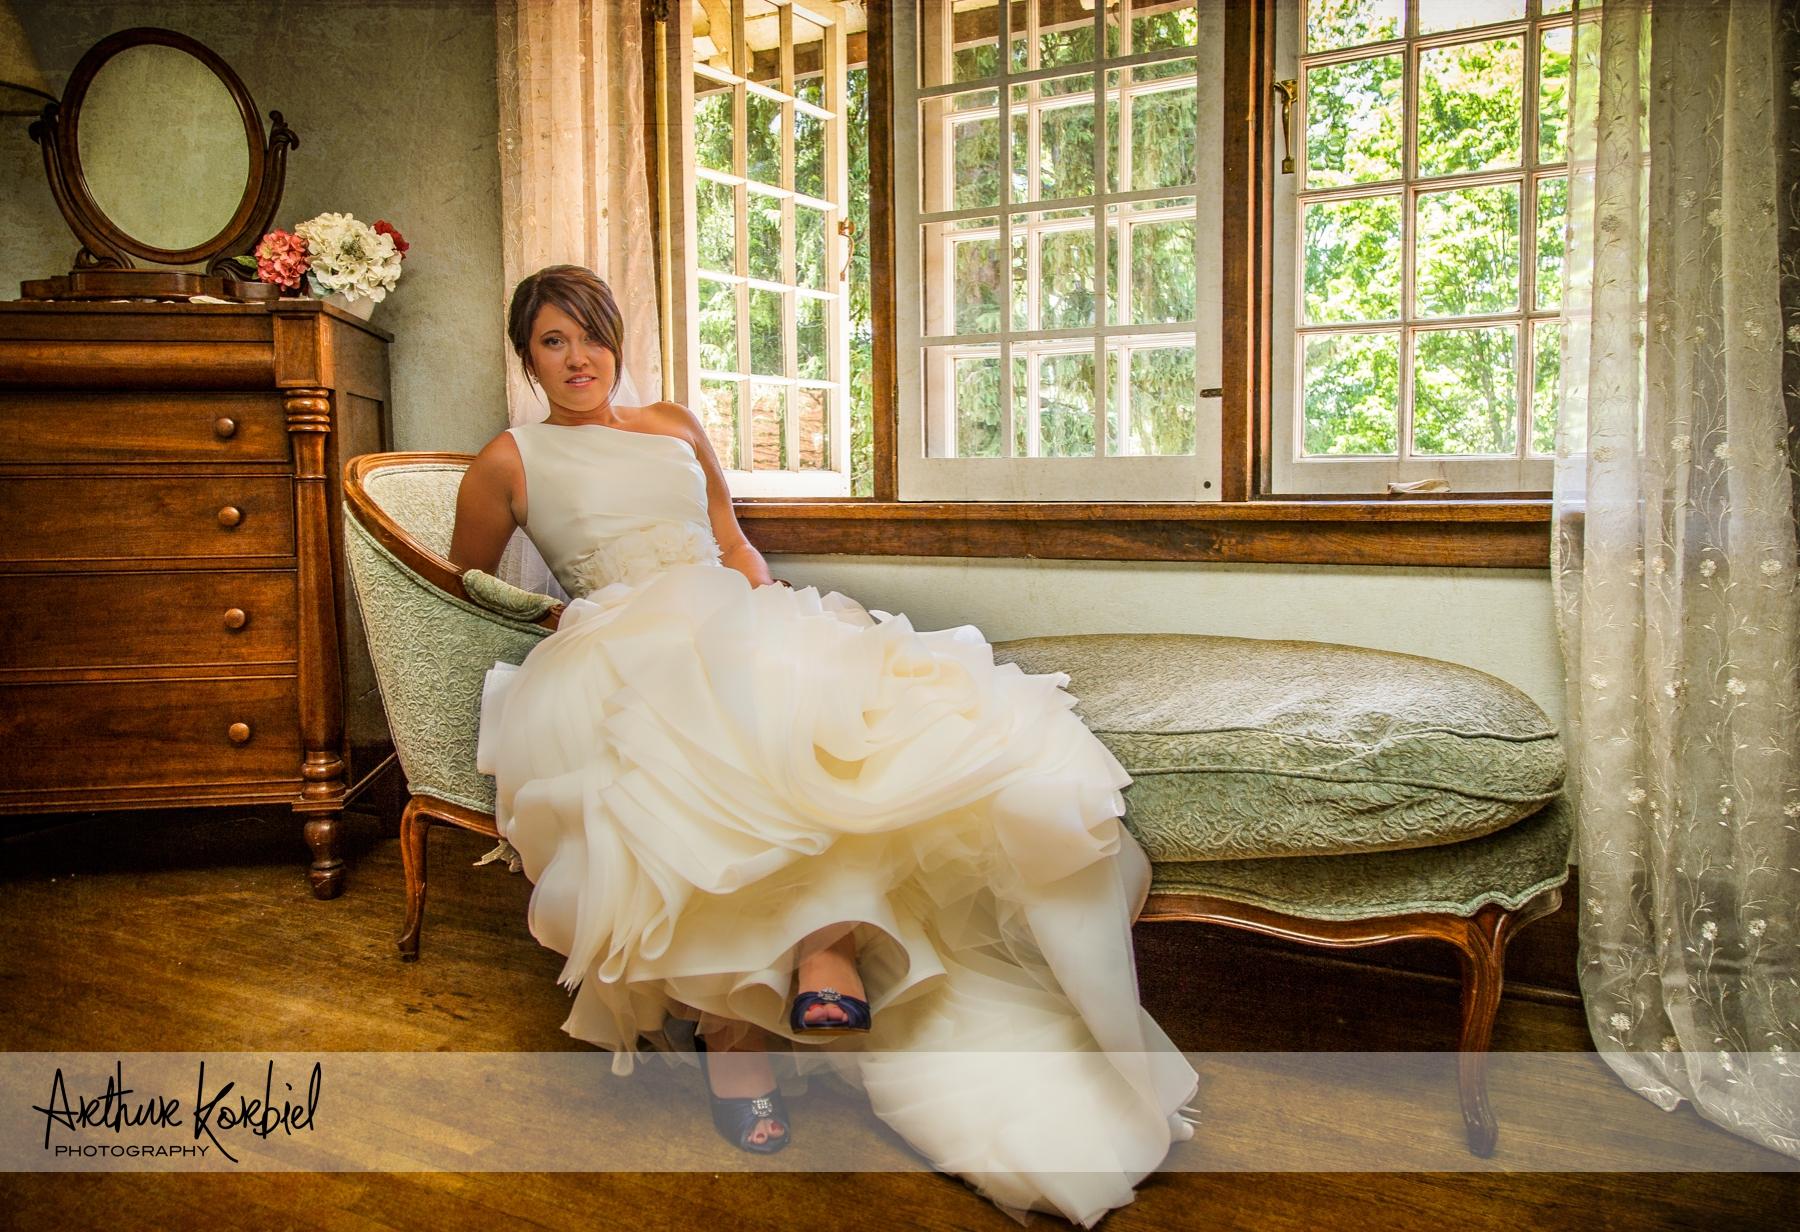 Arthur Korbiel Photography - London Wedding Photographer - Harper-001.jpg